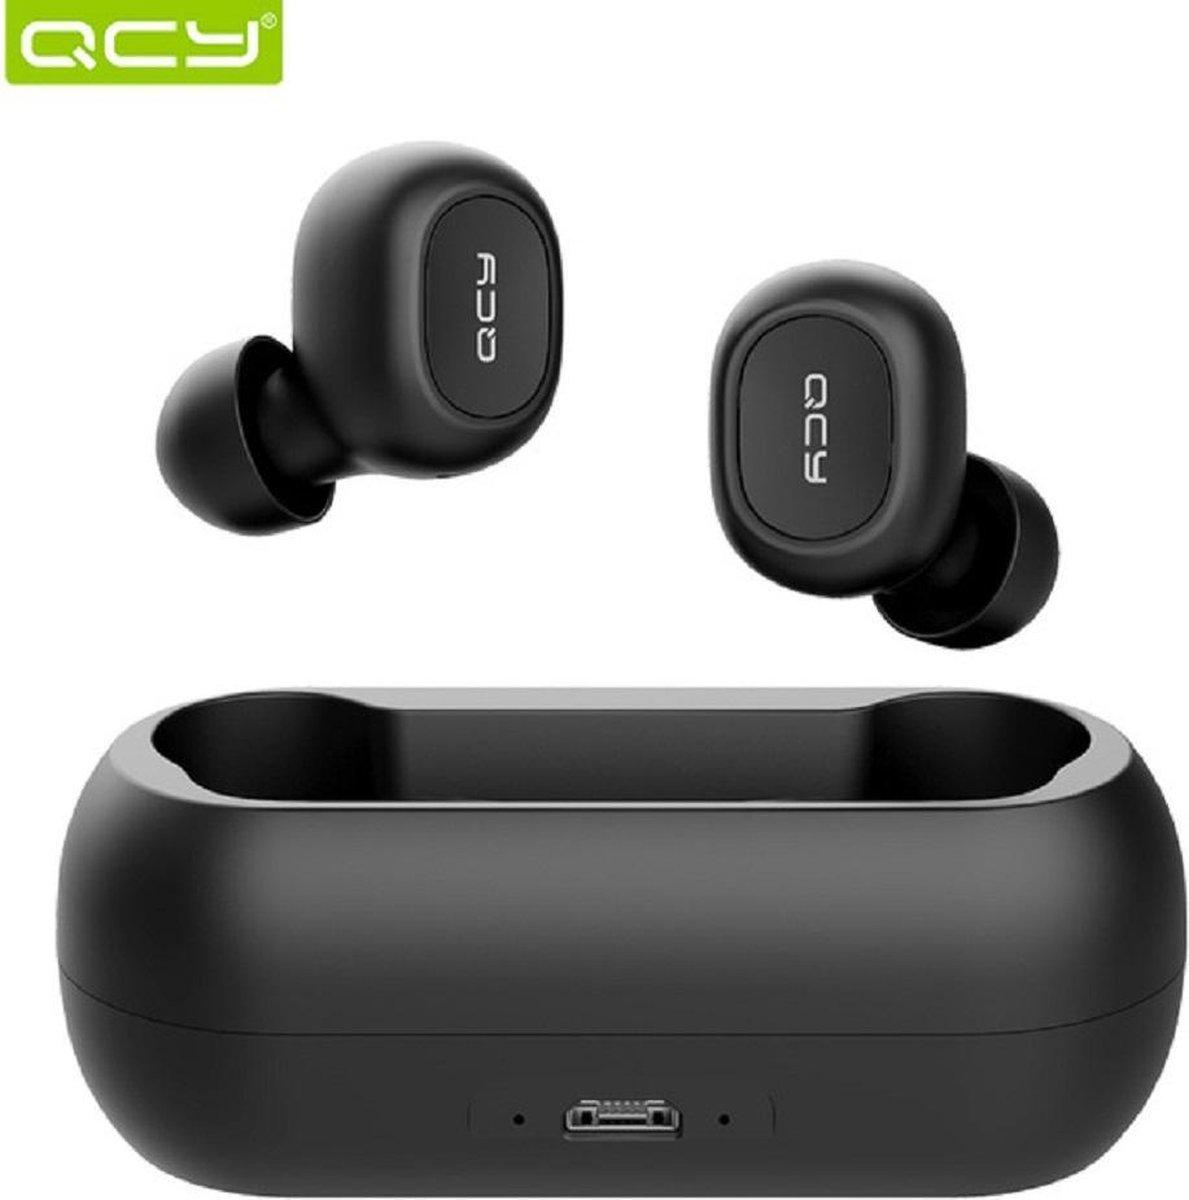 QCY T1C Volledig draadloos In-Ear oordopjes (ZWART)    Bluetooth 5.0   Meer dan 20 uur gebruik